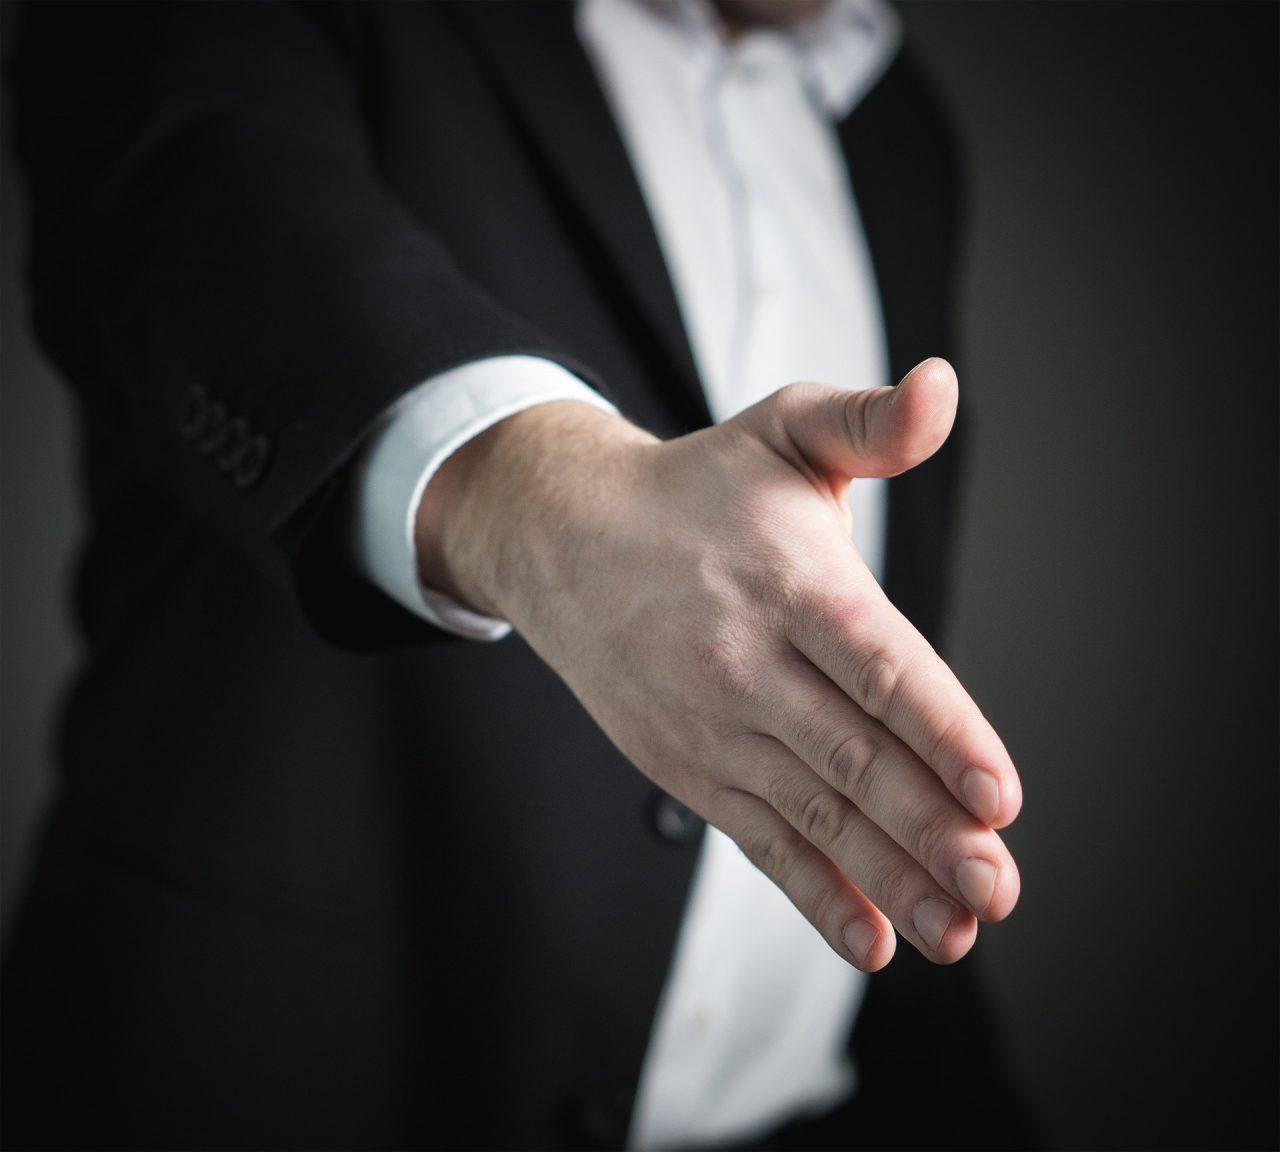 handshake-2056021_1920-1280x1152.jpg